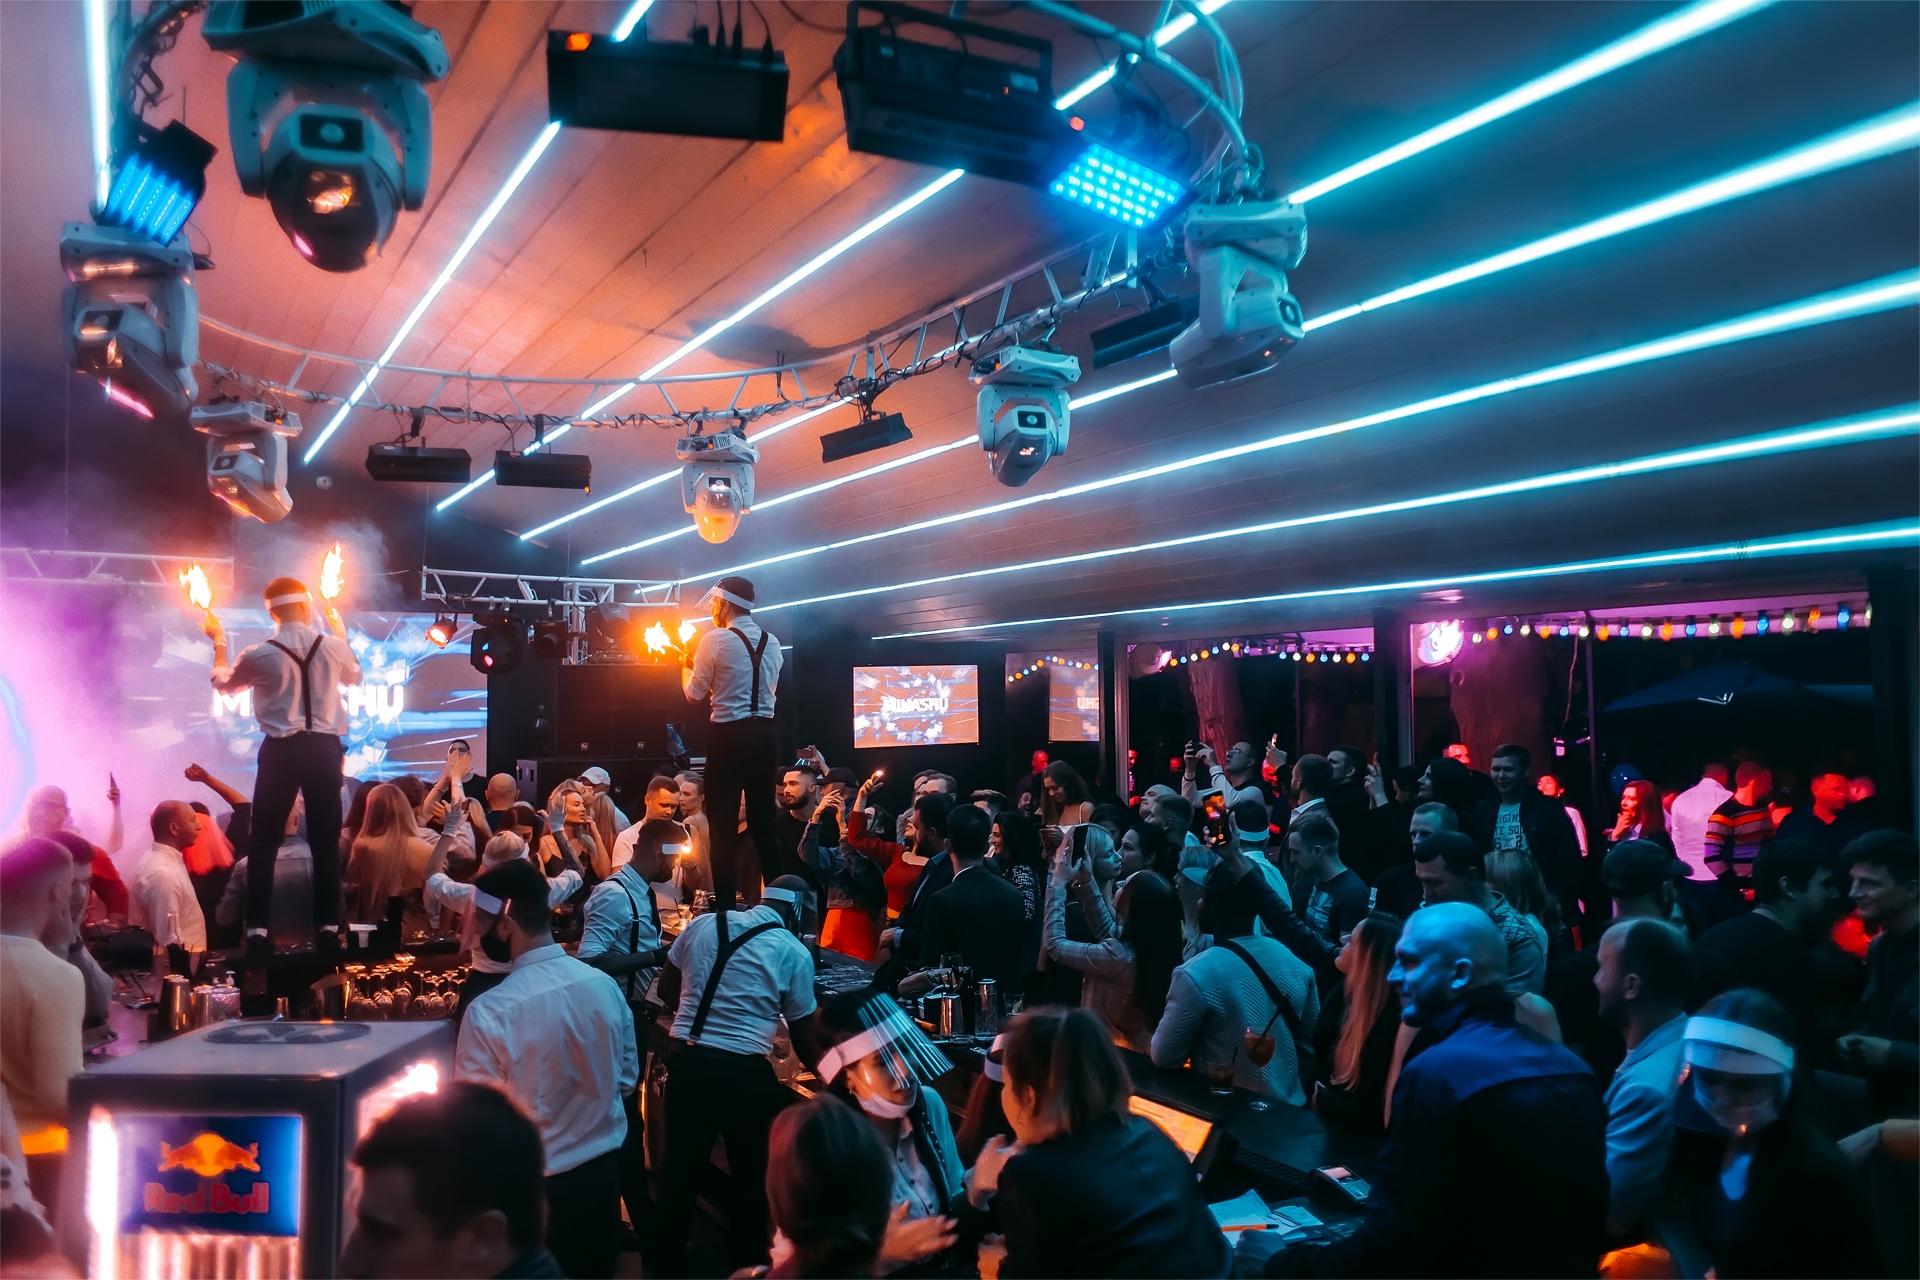 Вакансии бармен в ночной клуб санкт петербург клуб фантомас москва на болотной набережной официальный